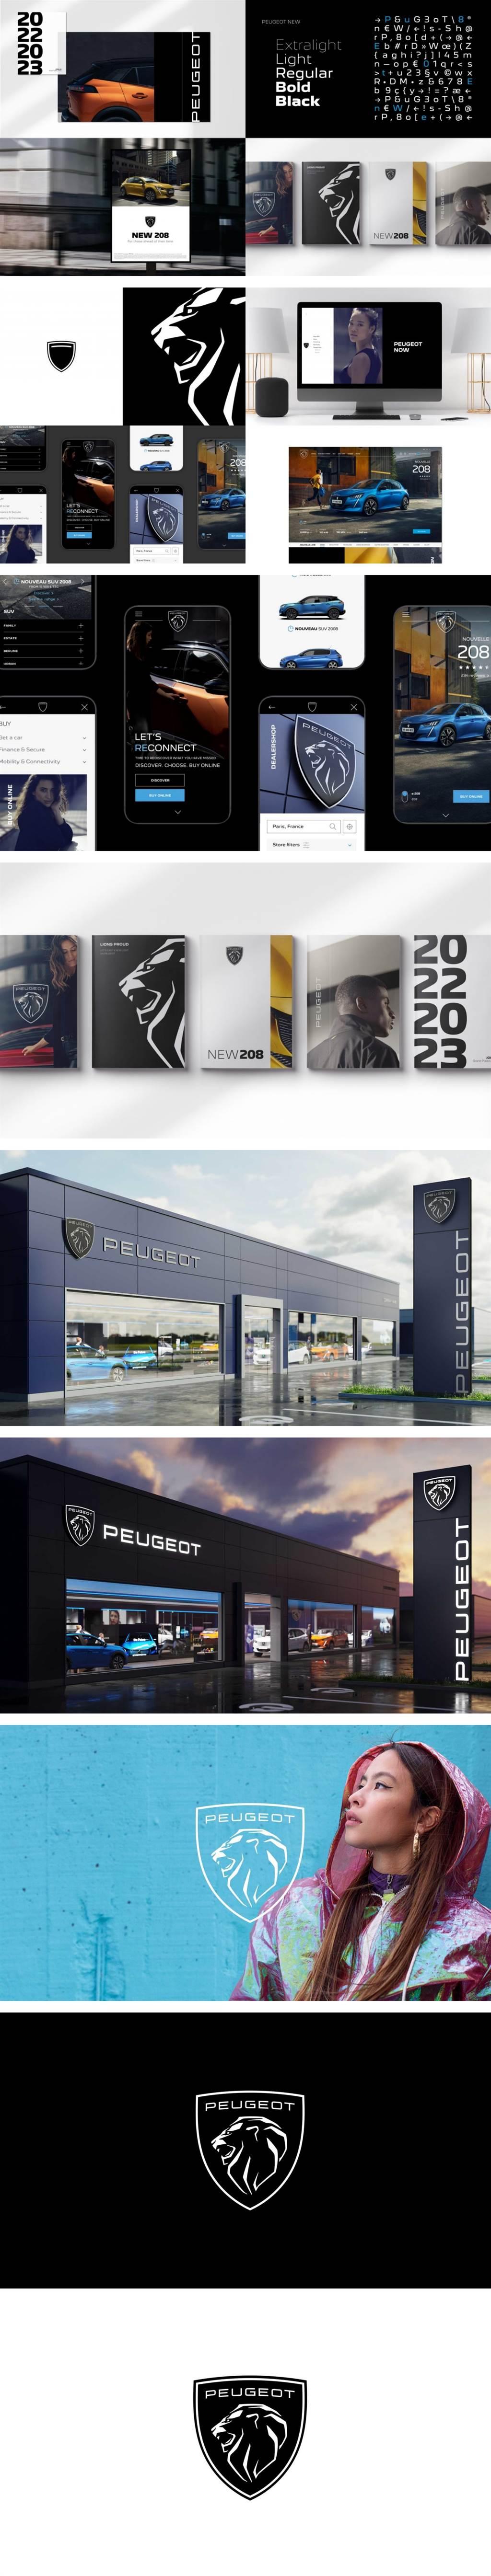 象徵進入高級世代,Peugeot 發表全新雄獅企業識別廠徽與口號!